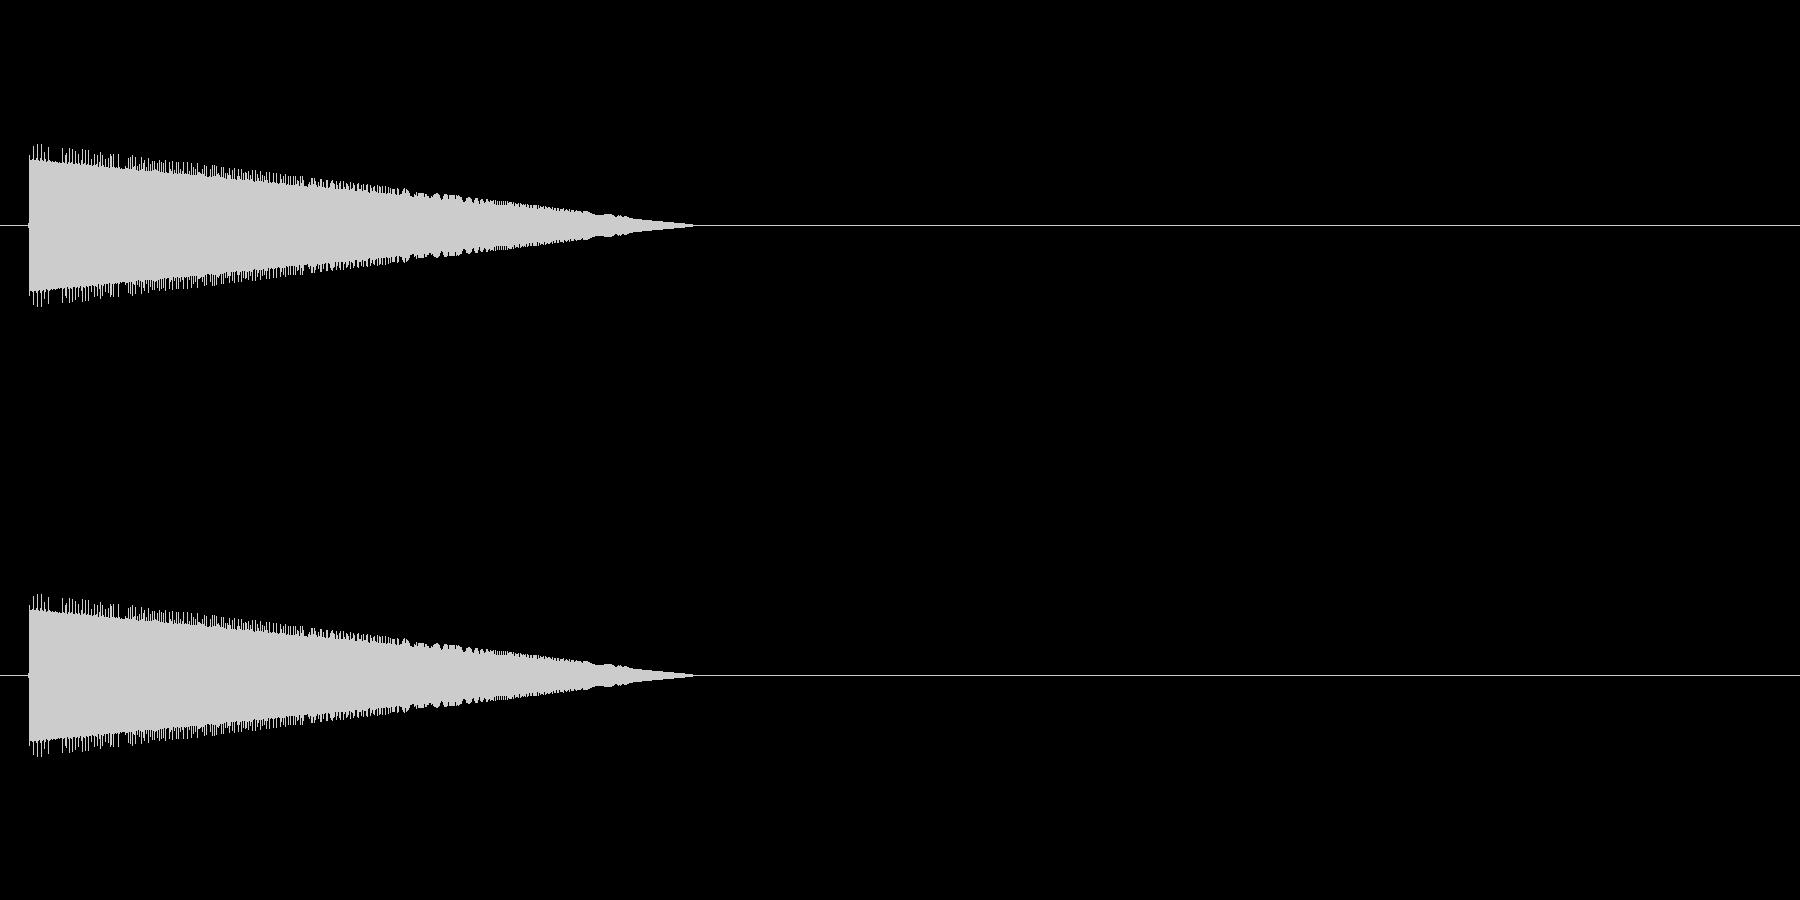 レトロゲーム風・ジャンプ#2の未再生の波形